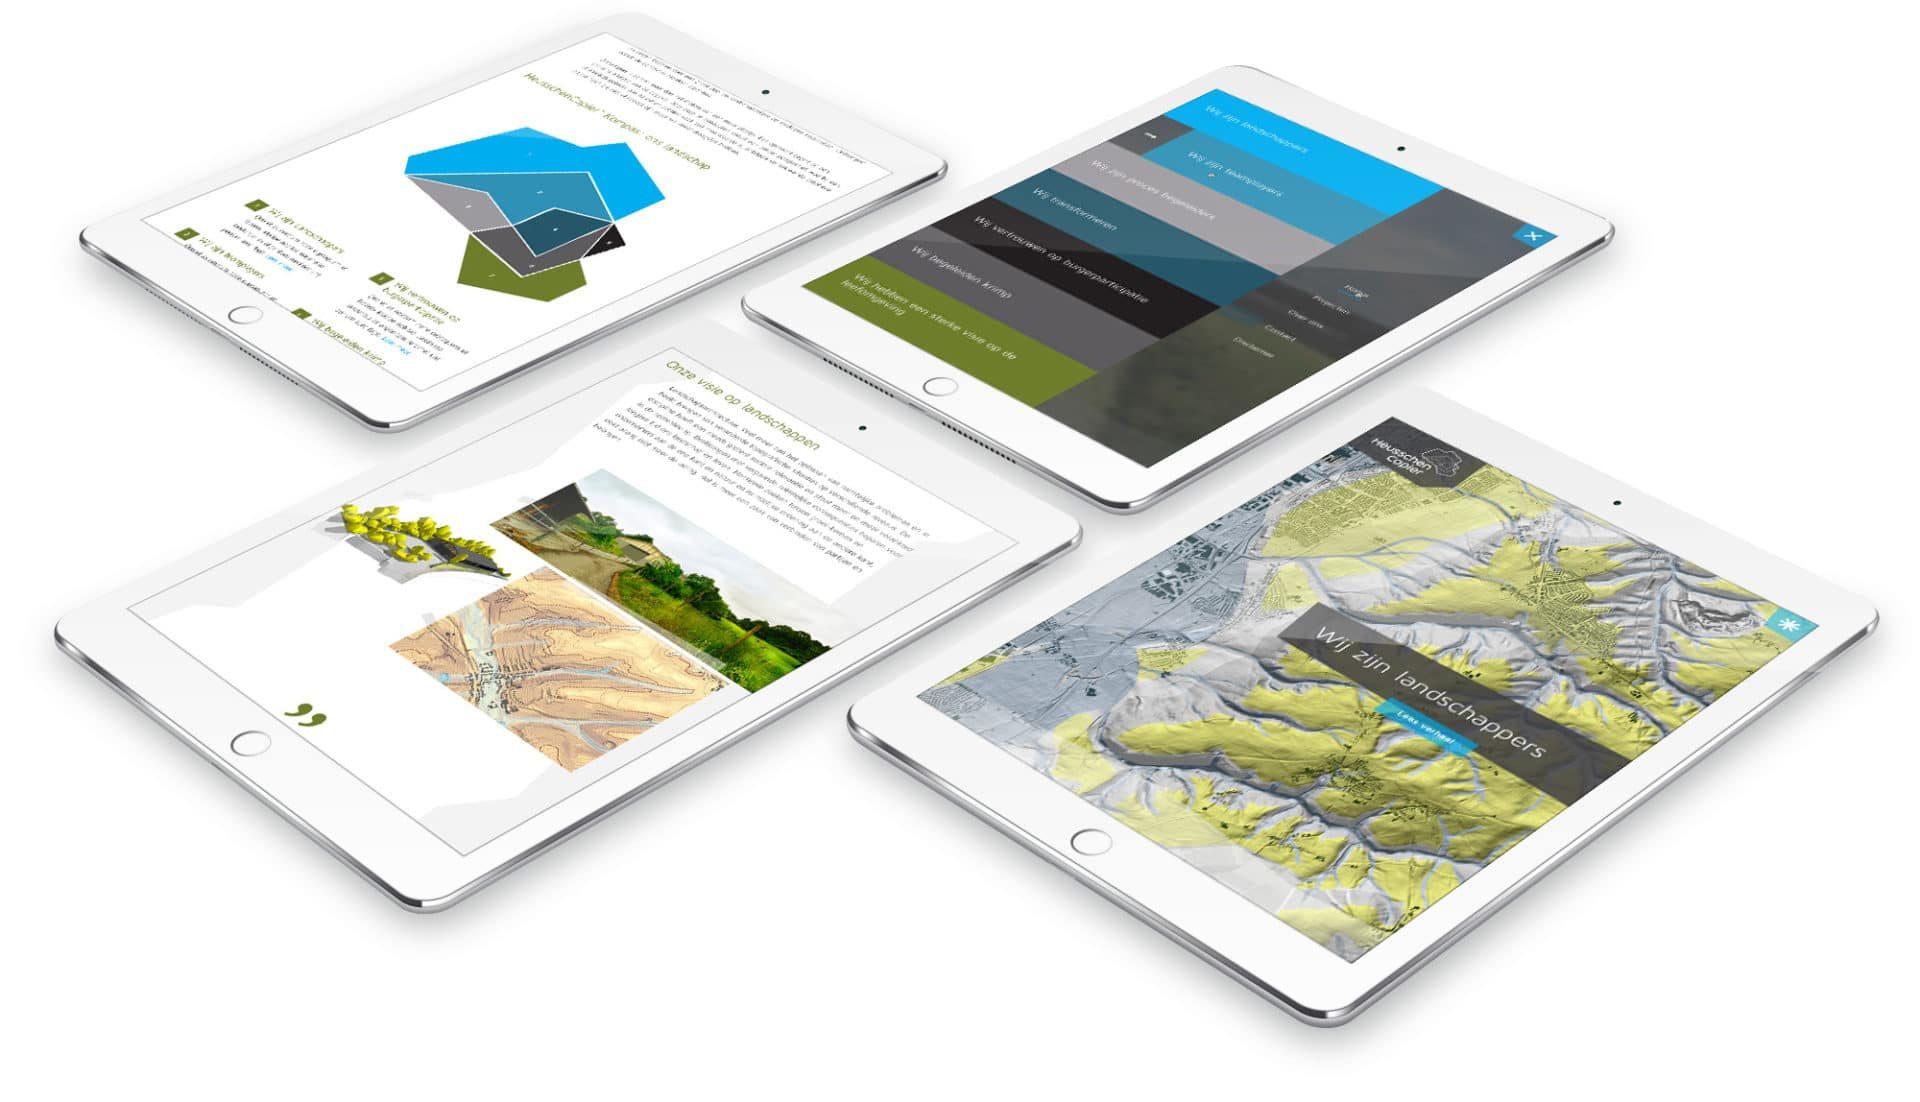 HeusschenCopier iPad - Rene Verkaart)